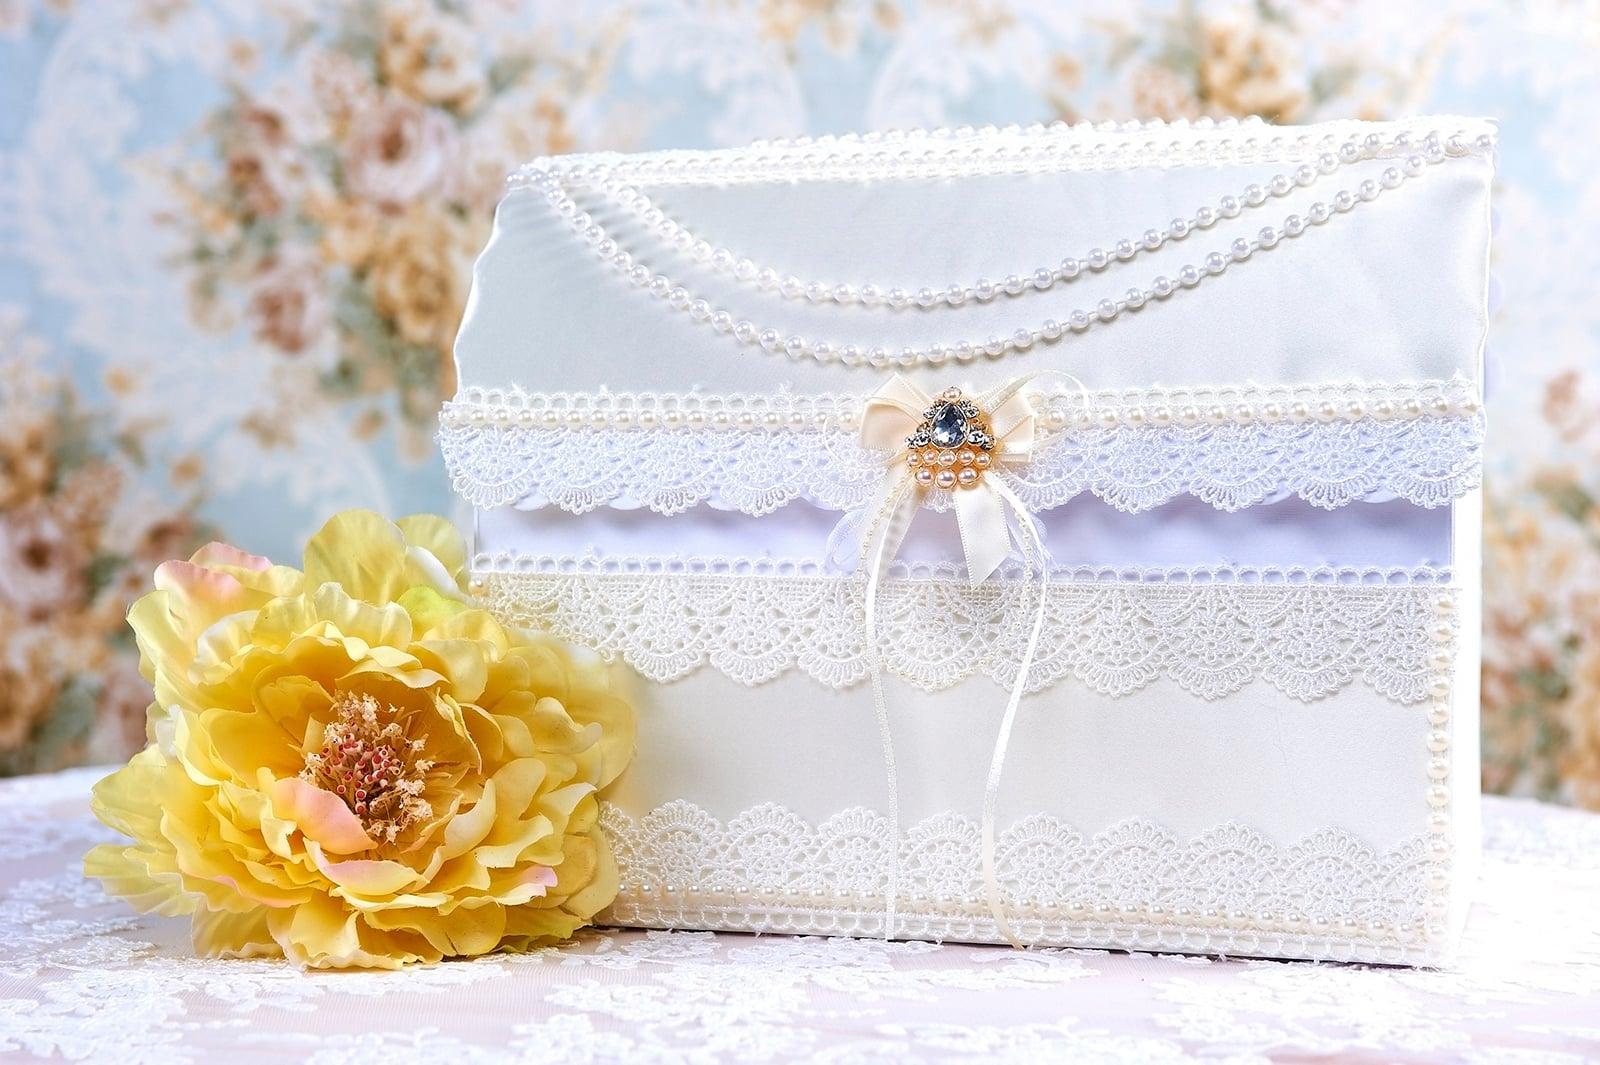 Белая кружевная свадебная корзинка с отделкой в кремовых тонах.